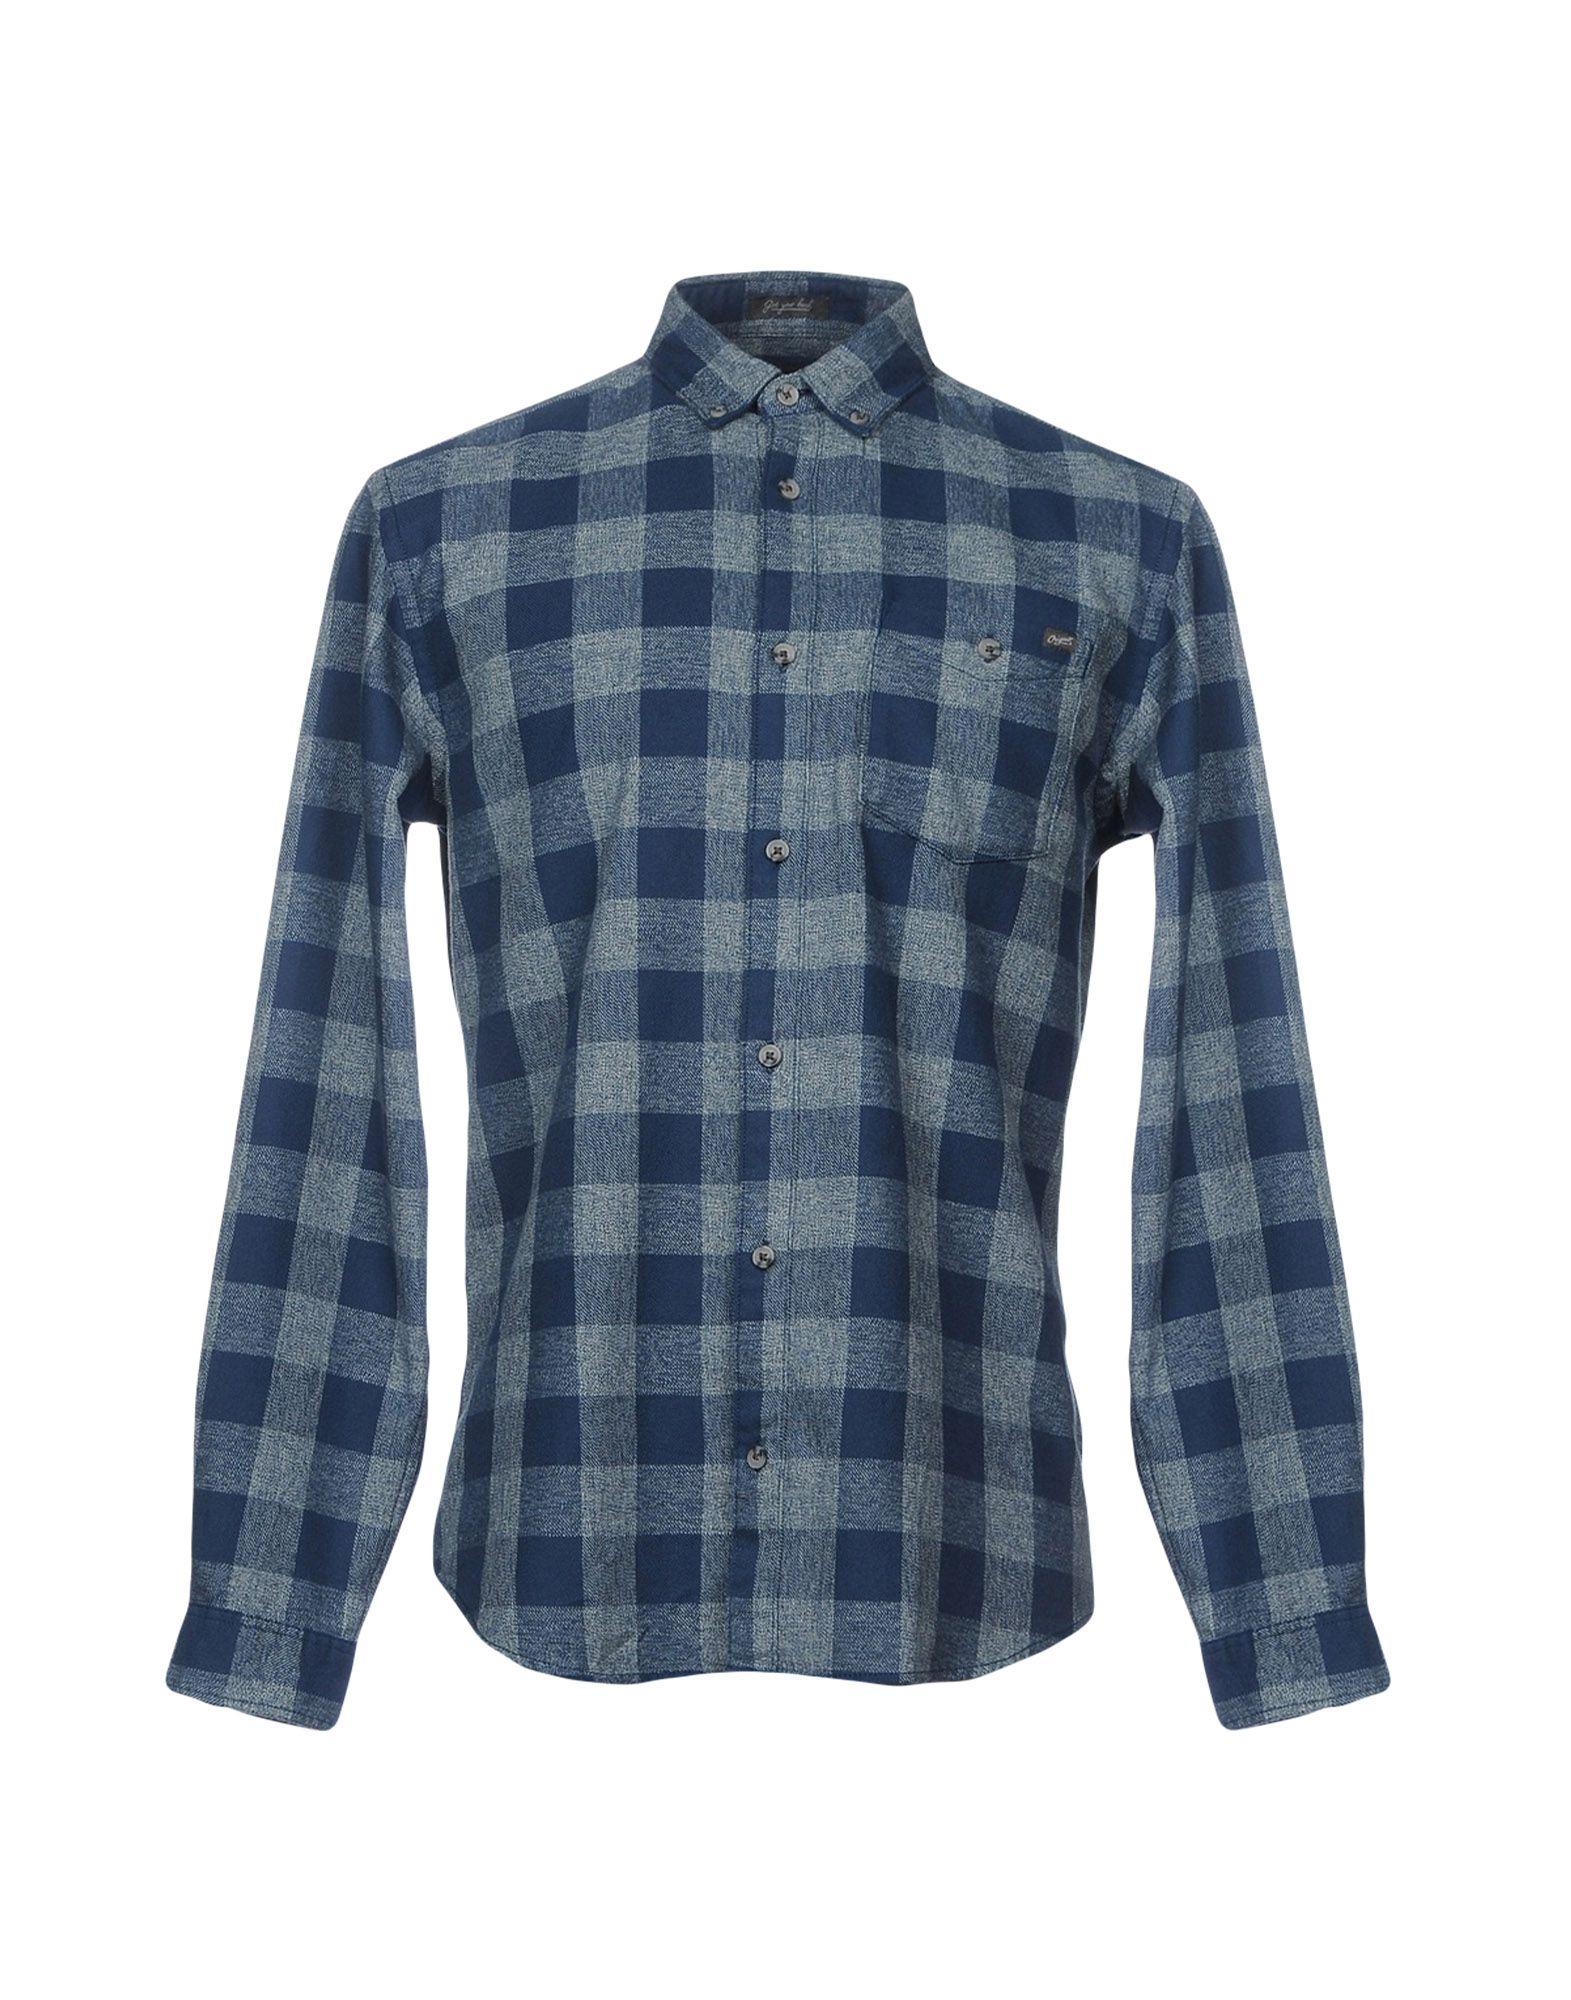 《期間限定セール開催中!》JACK & JONES ORIGINALS メンズ シャツ ブルー S 100% コットン